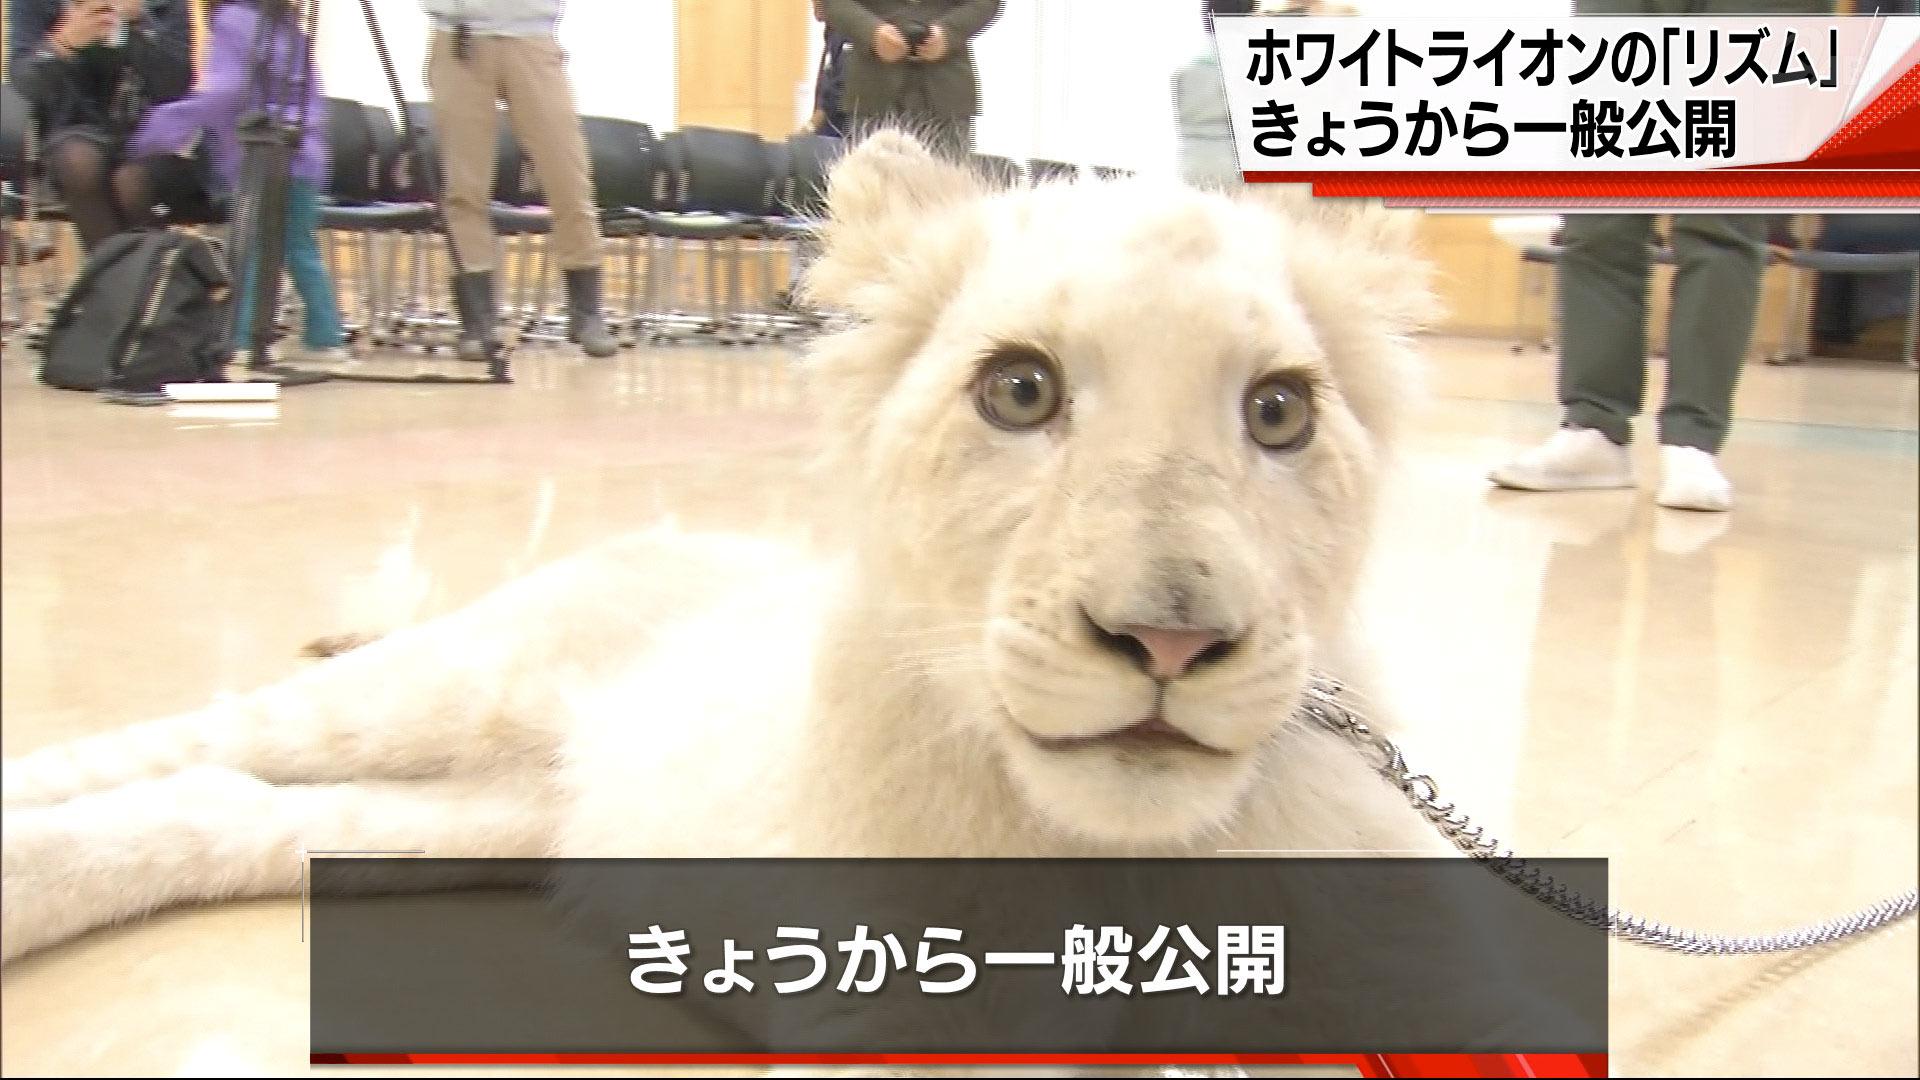 ホワイトライオン「リズム」報道公開